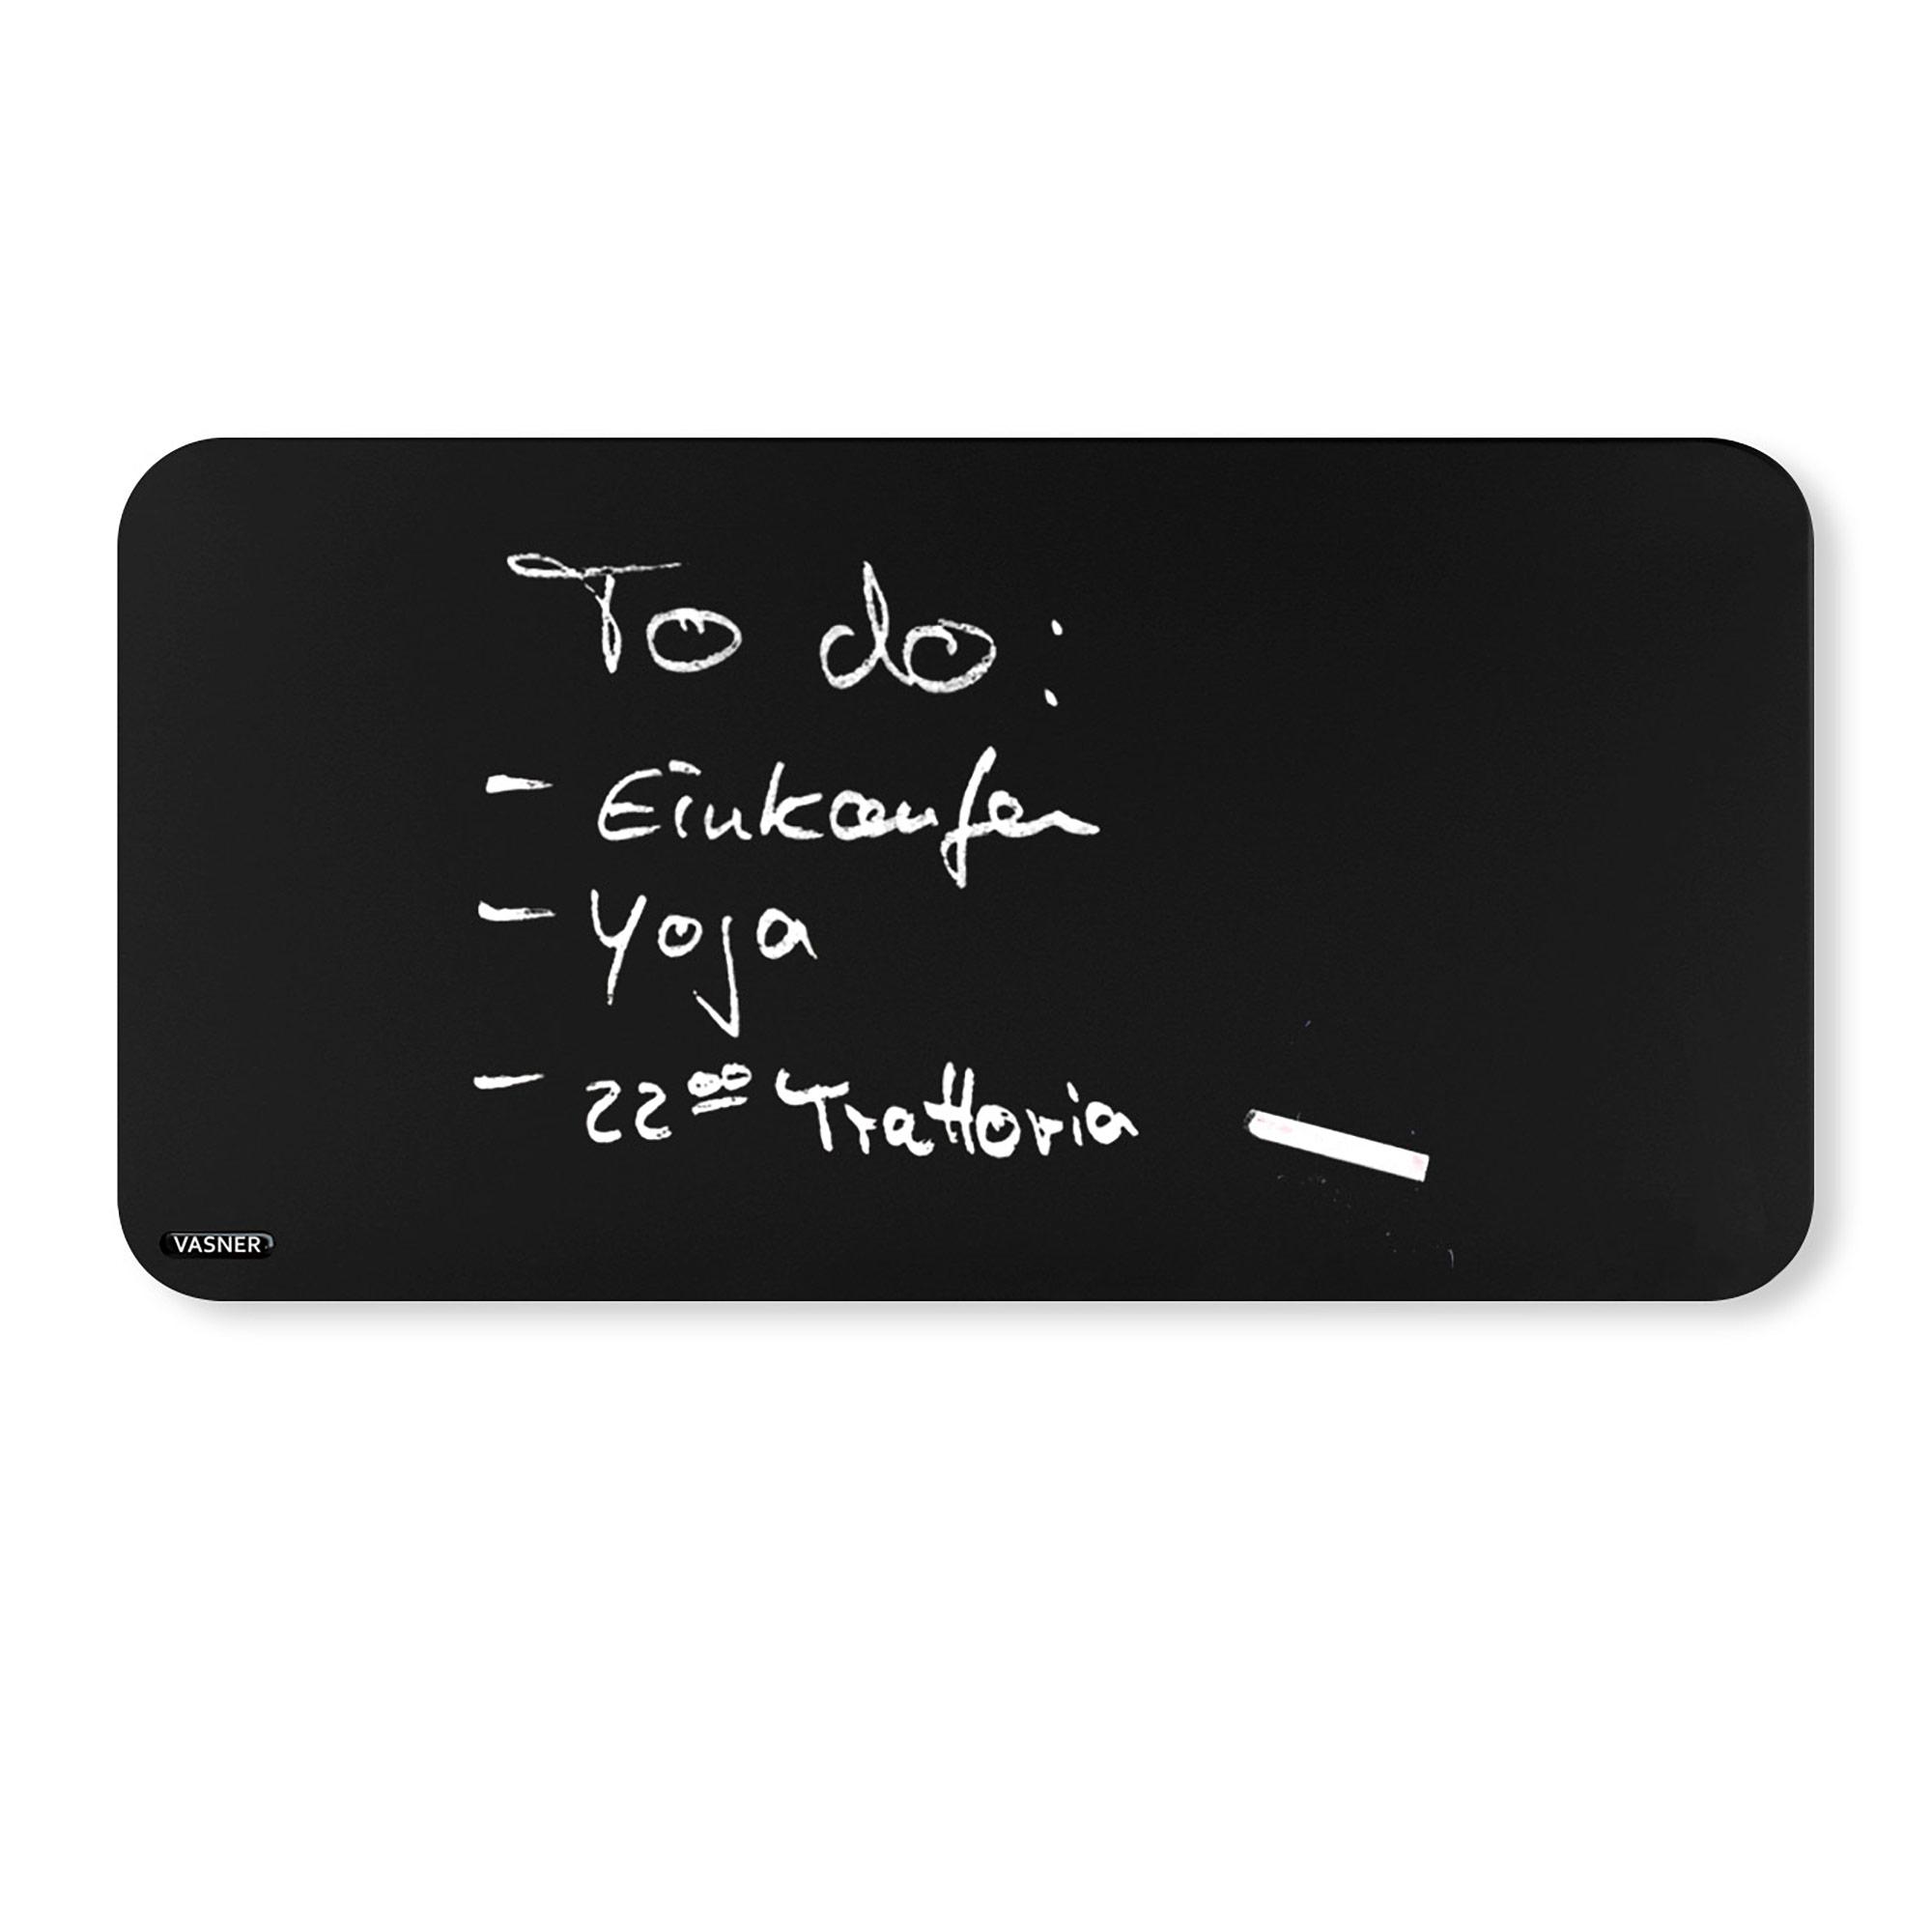 Tafel Infrarotheizung rund für Bad, Büro, Küche